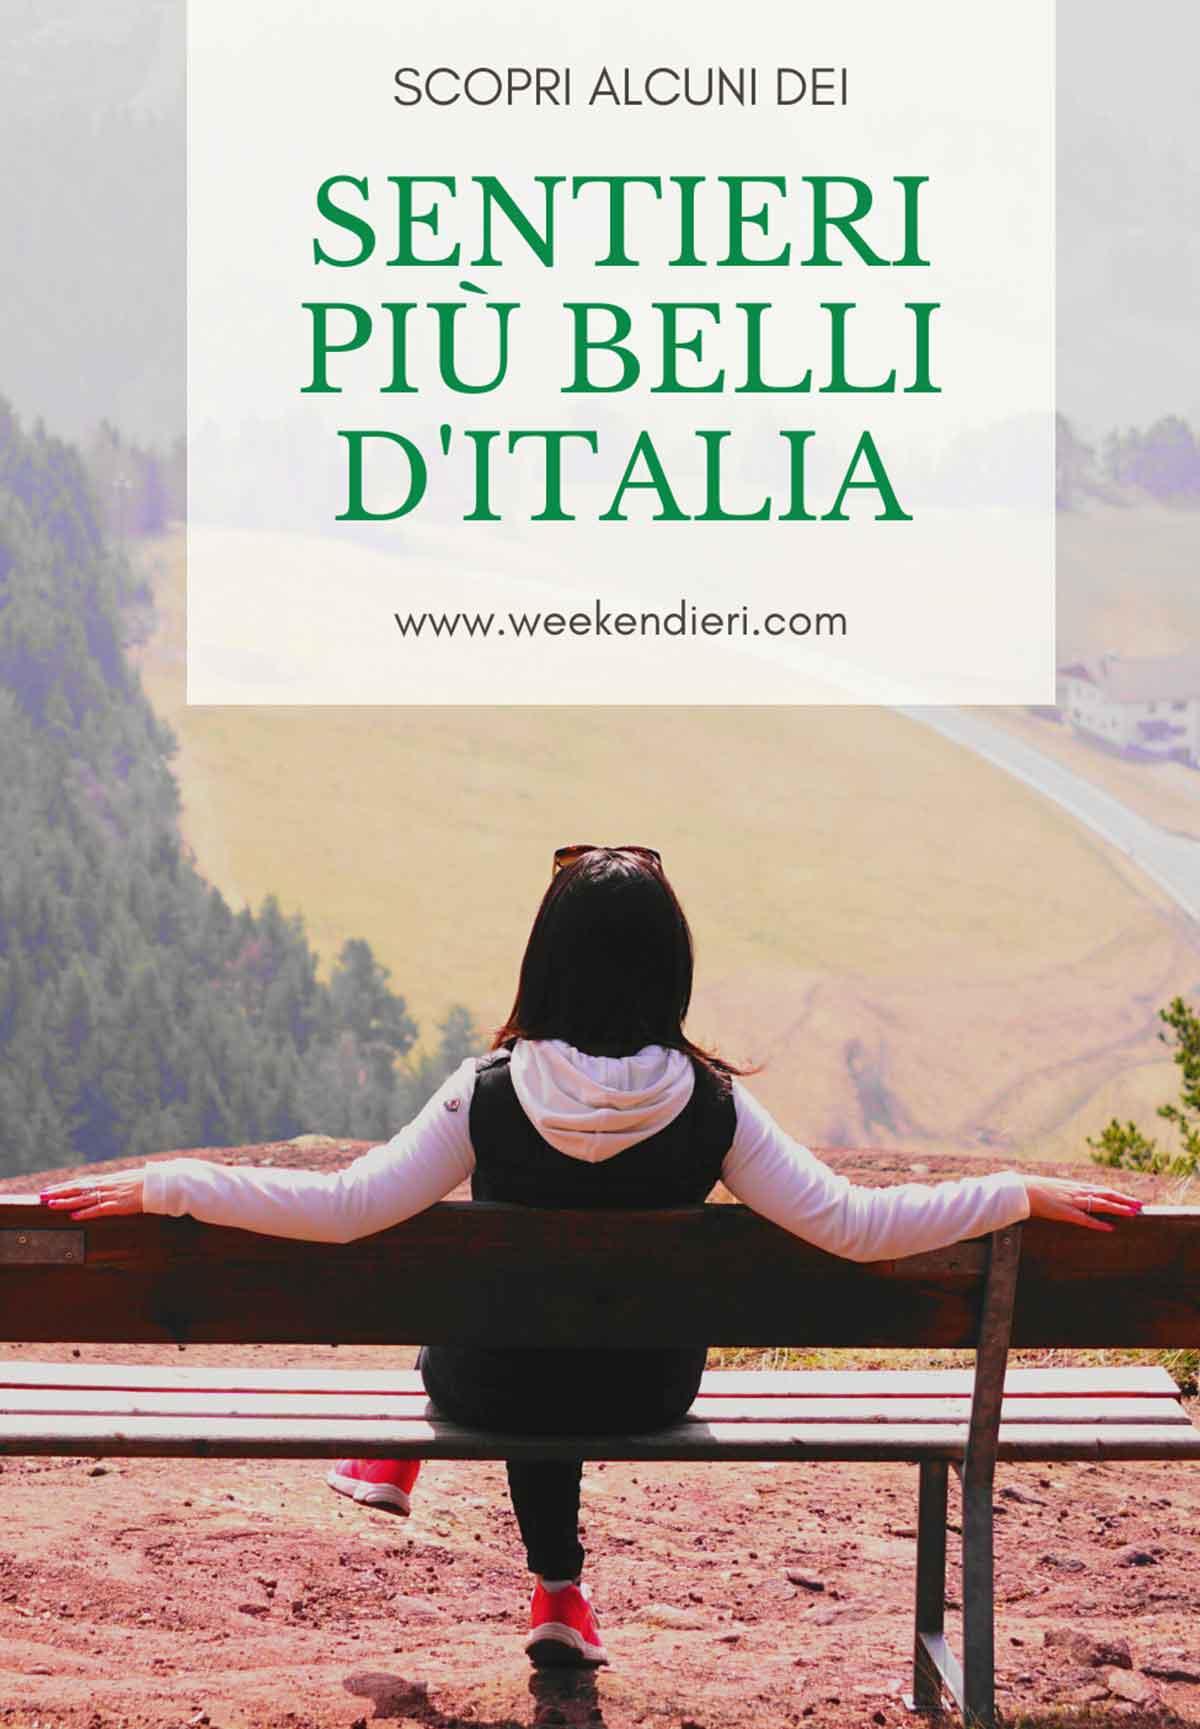 sentieri più belli di Italia